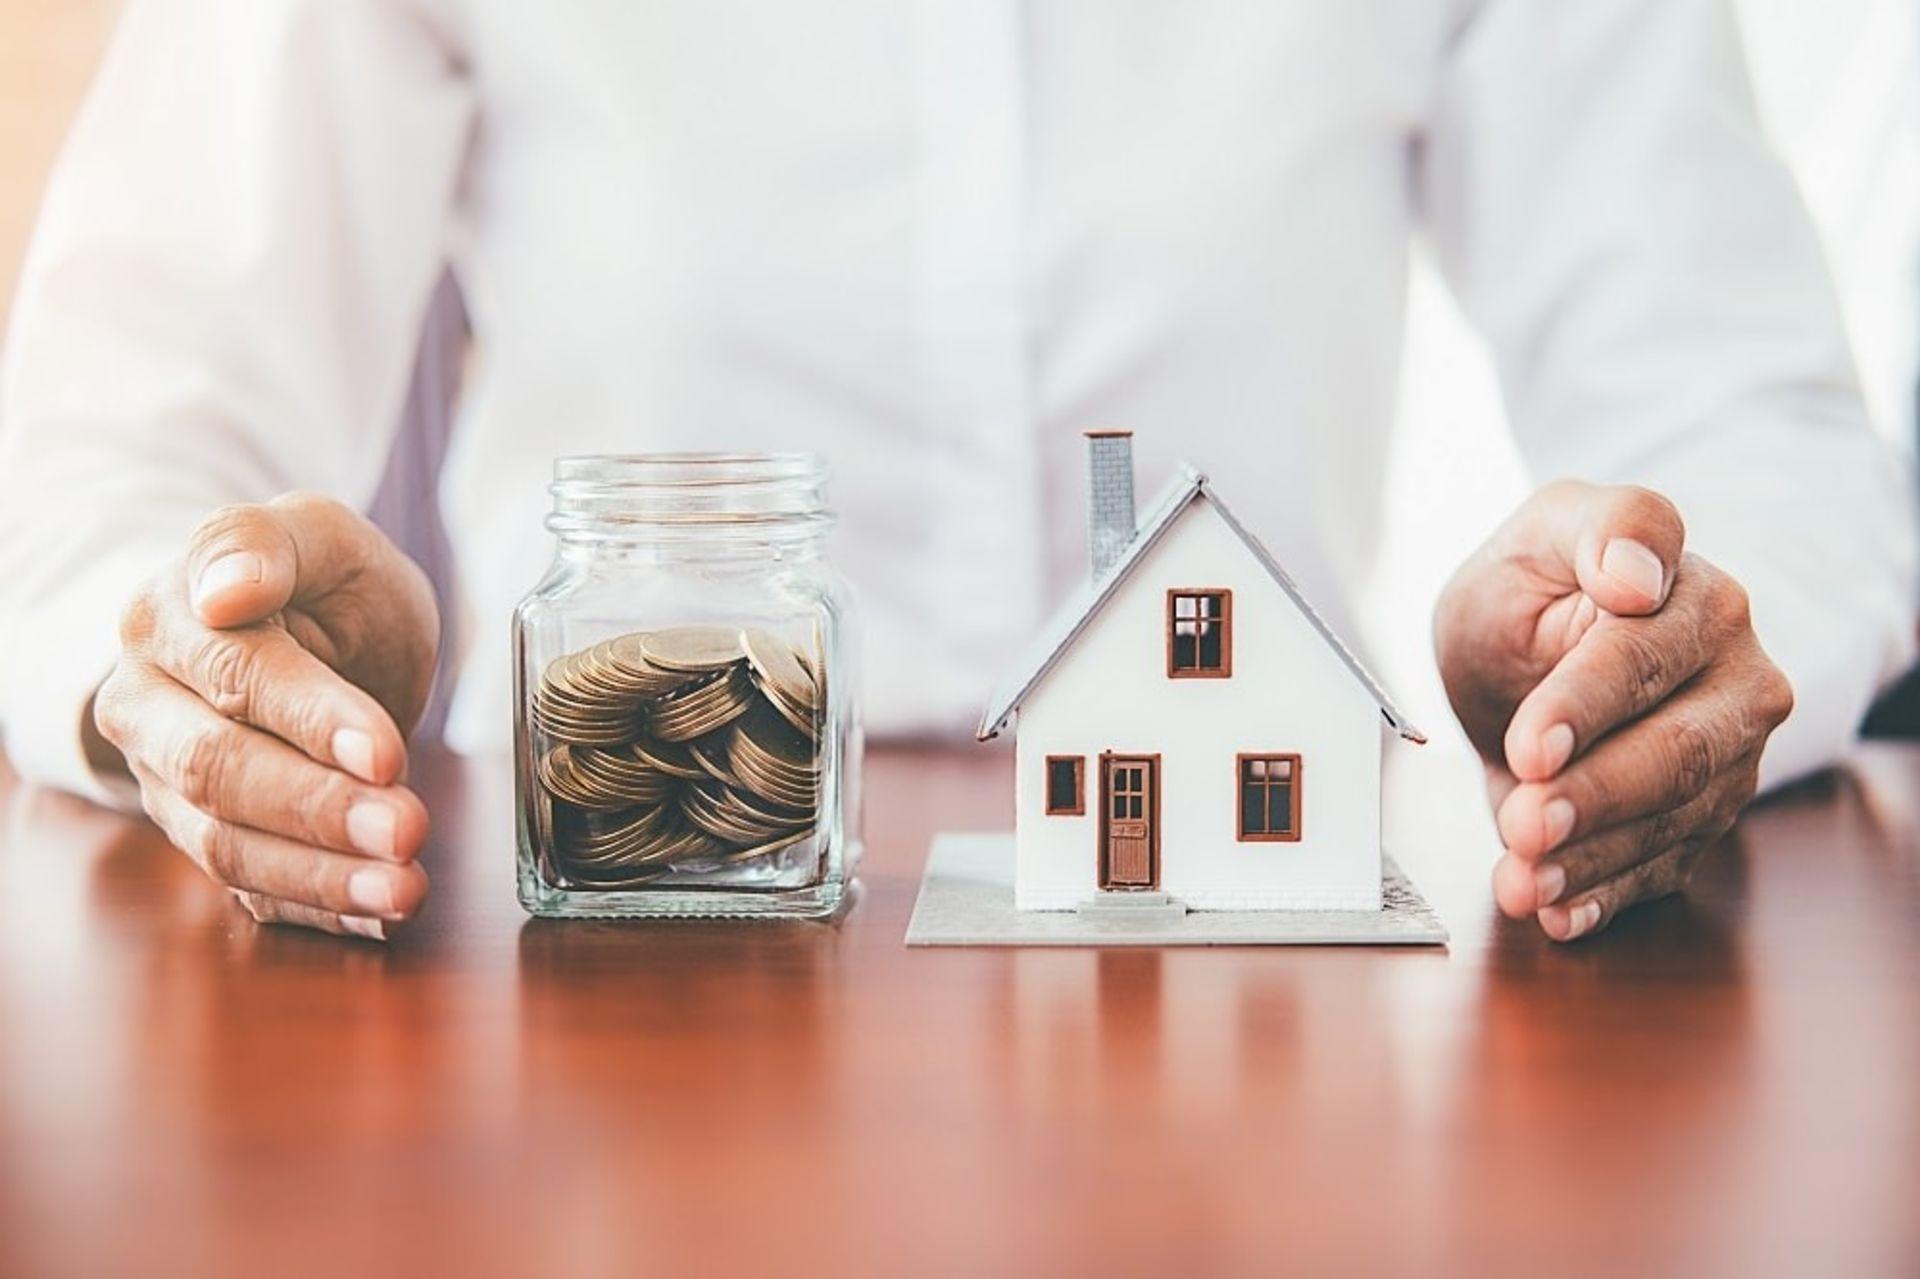 Sở hữu được 6 yếu tố này về tài chính, chúc mừng bạn có thể tiến hành mua nhà ngay lập tức - Ảnh 2.